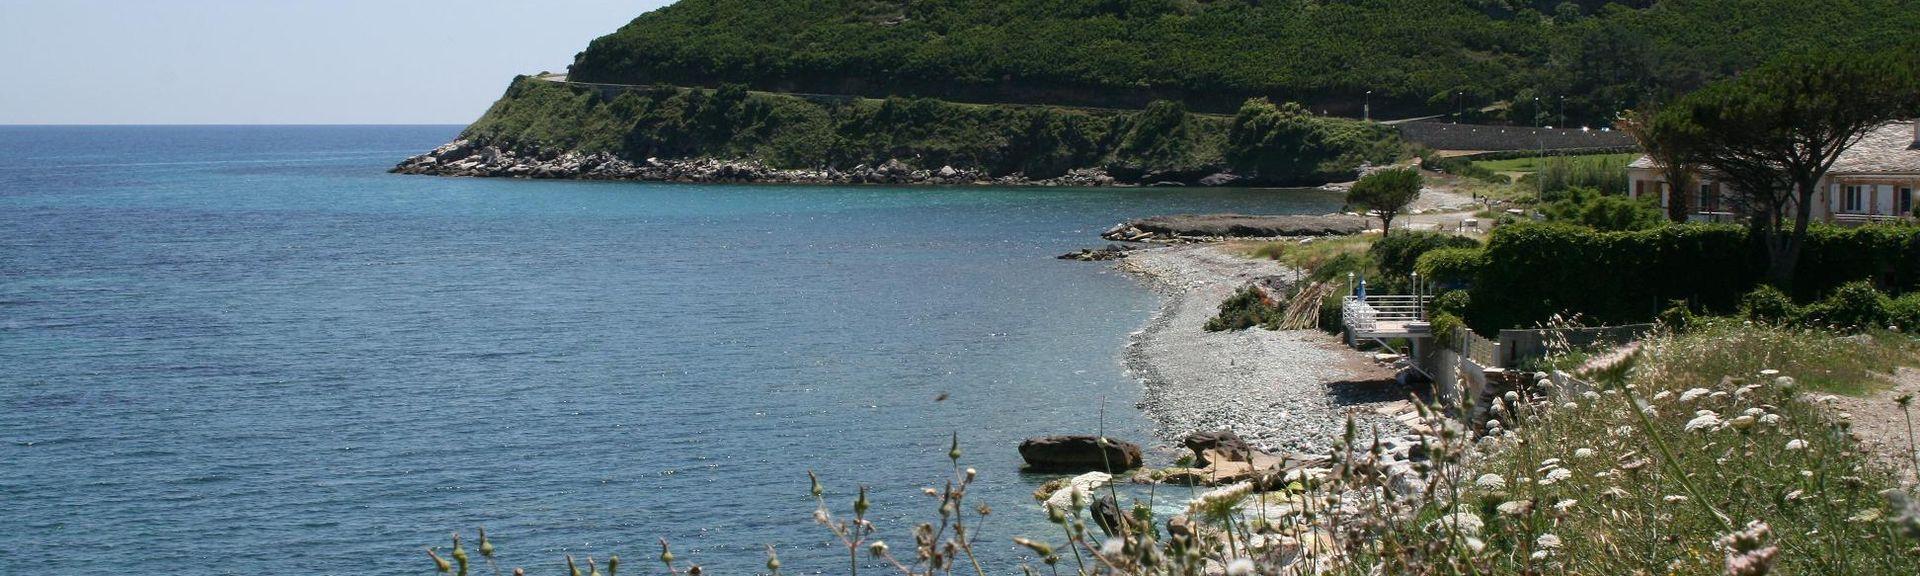 Cagnano, Haute-Corse, France